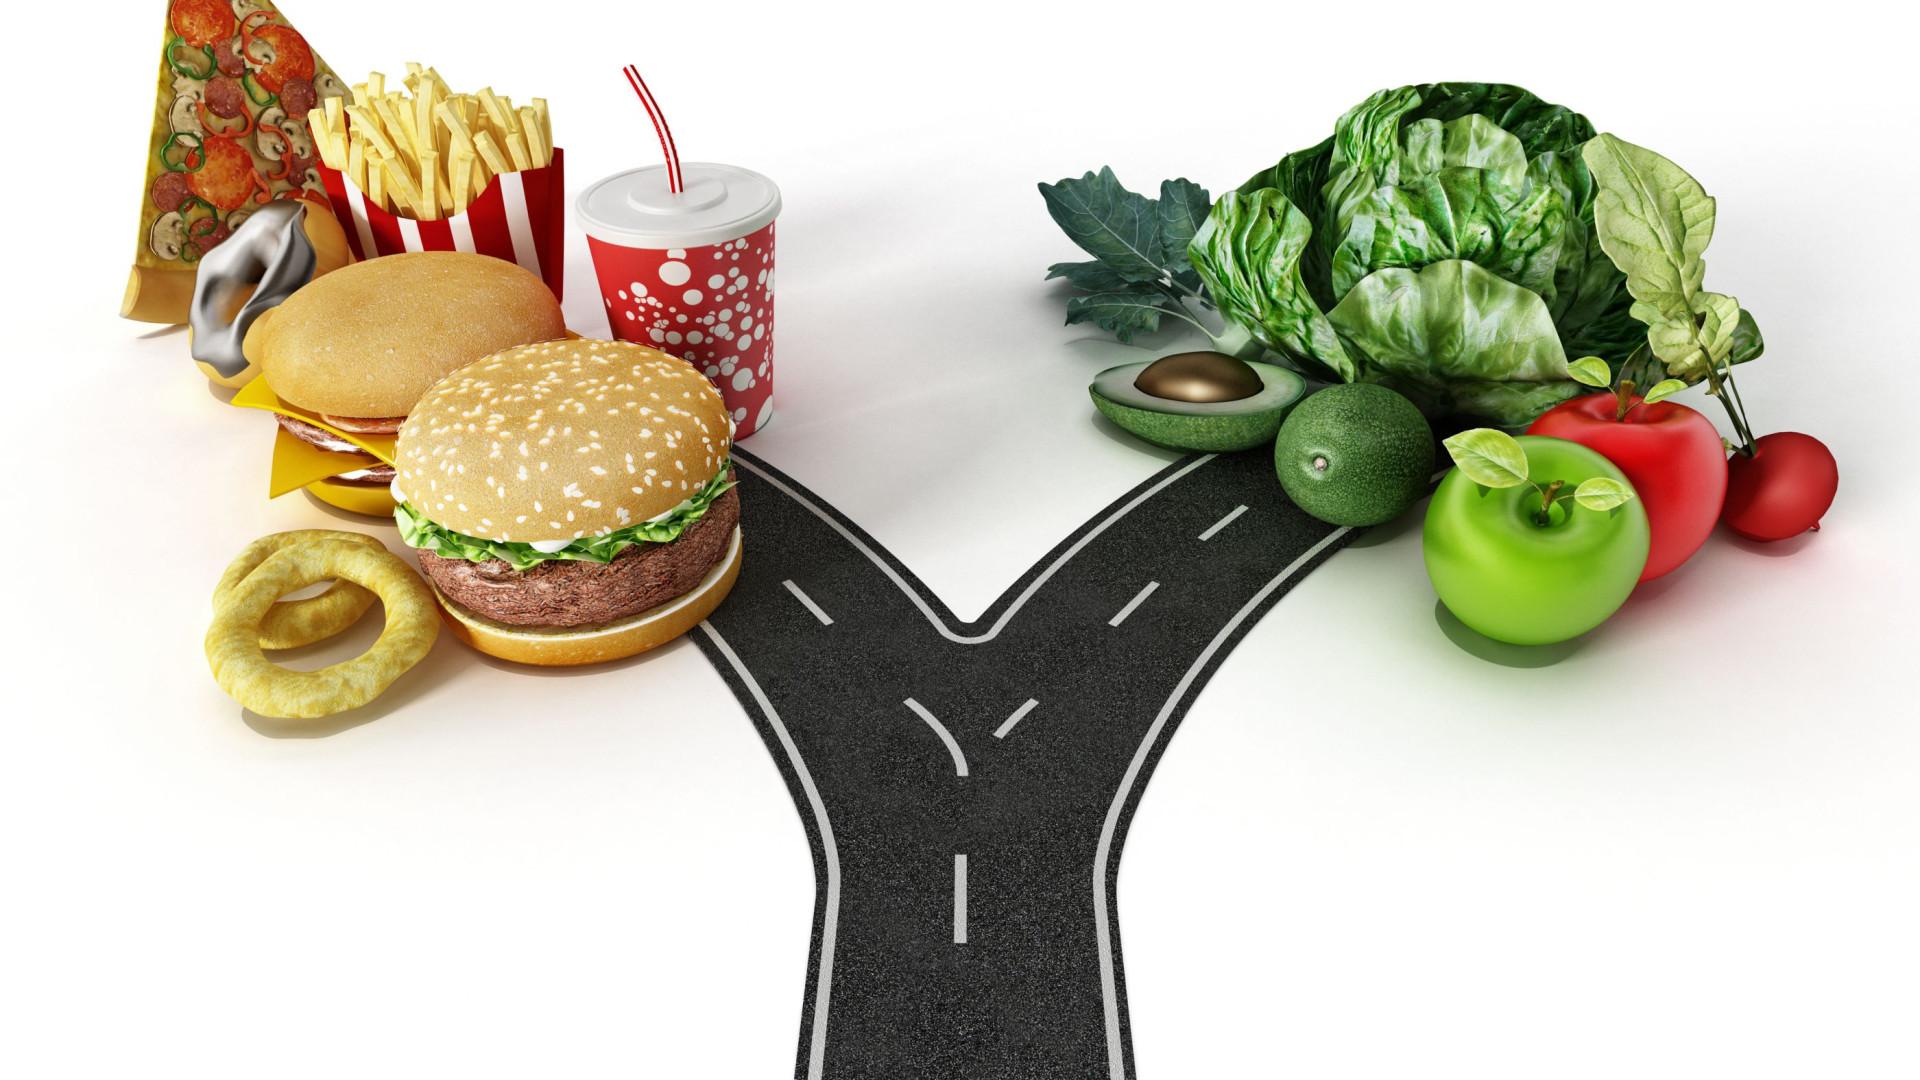 Comer apenas 60 gramas deste alimento reduz o colesterol